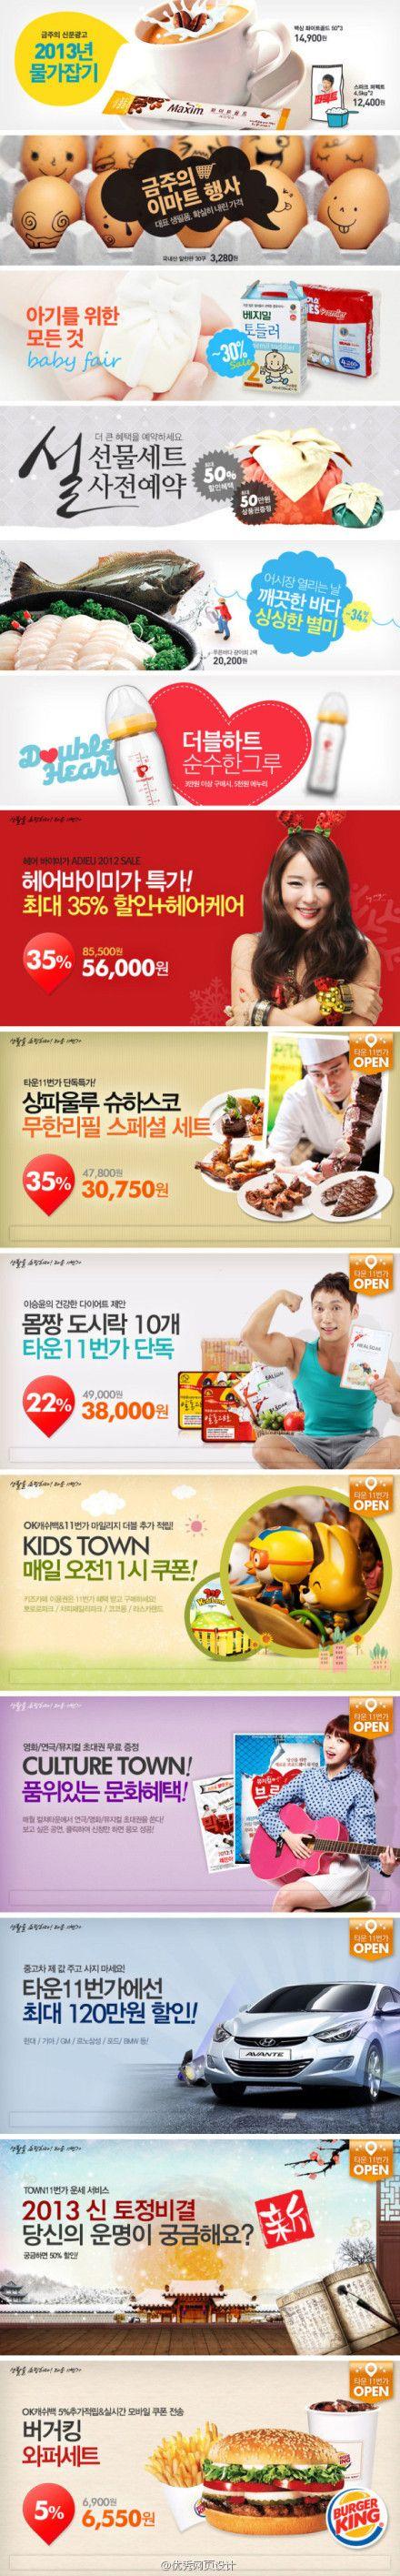 . //@蓝柯:日韩的网页设计,配色方面...